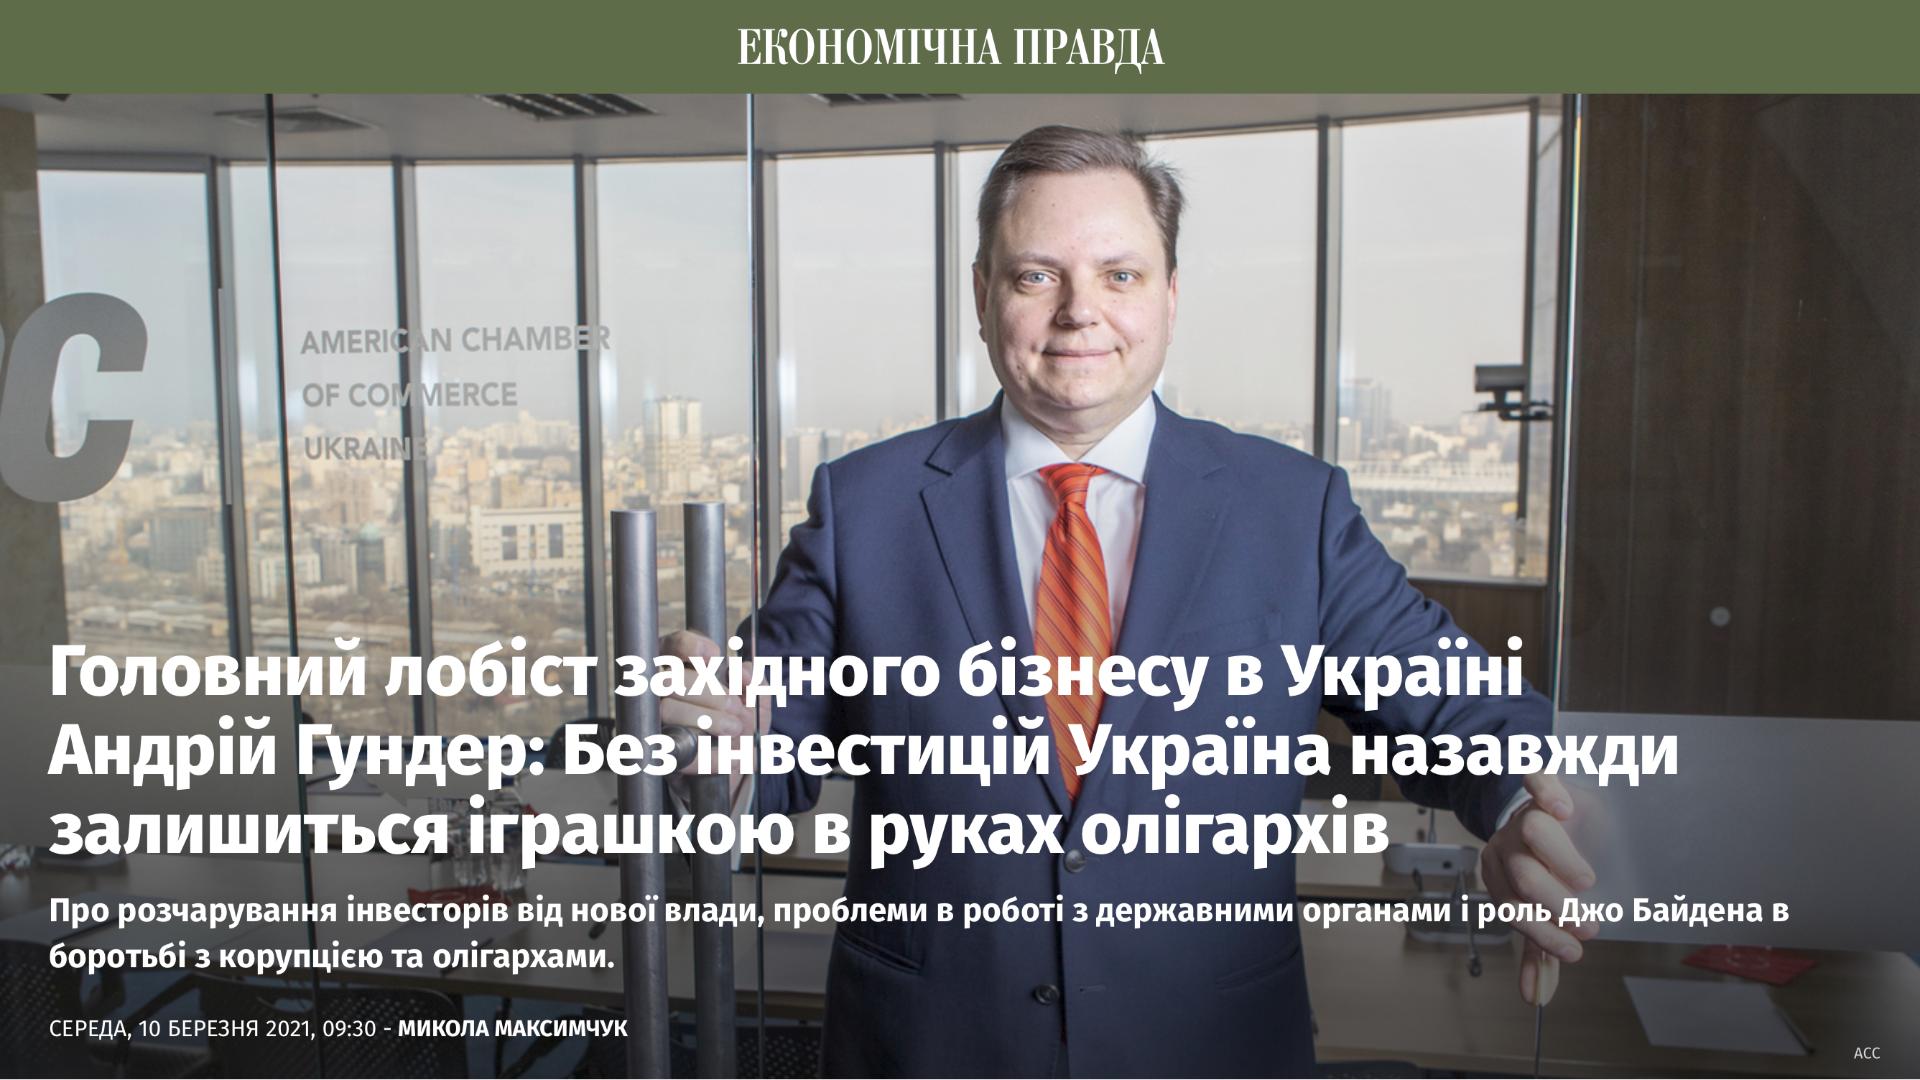 «Без інвестицій Україна назавжди залишиться іграшкою в руках олігархів» – інтерв'ю Президента Палати Андрія Гундера для Економічної правди